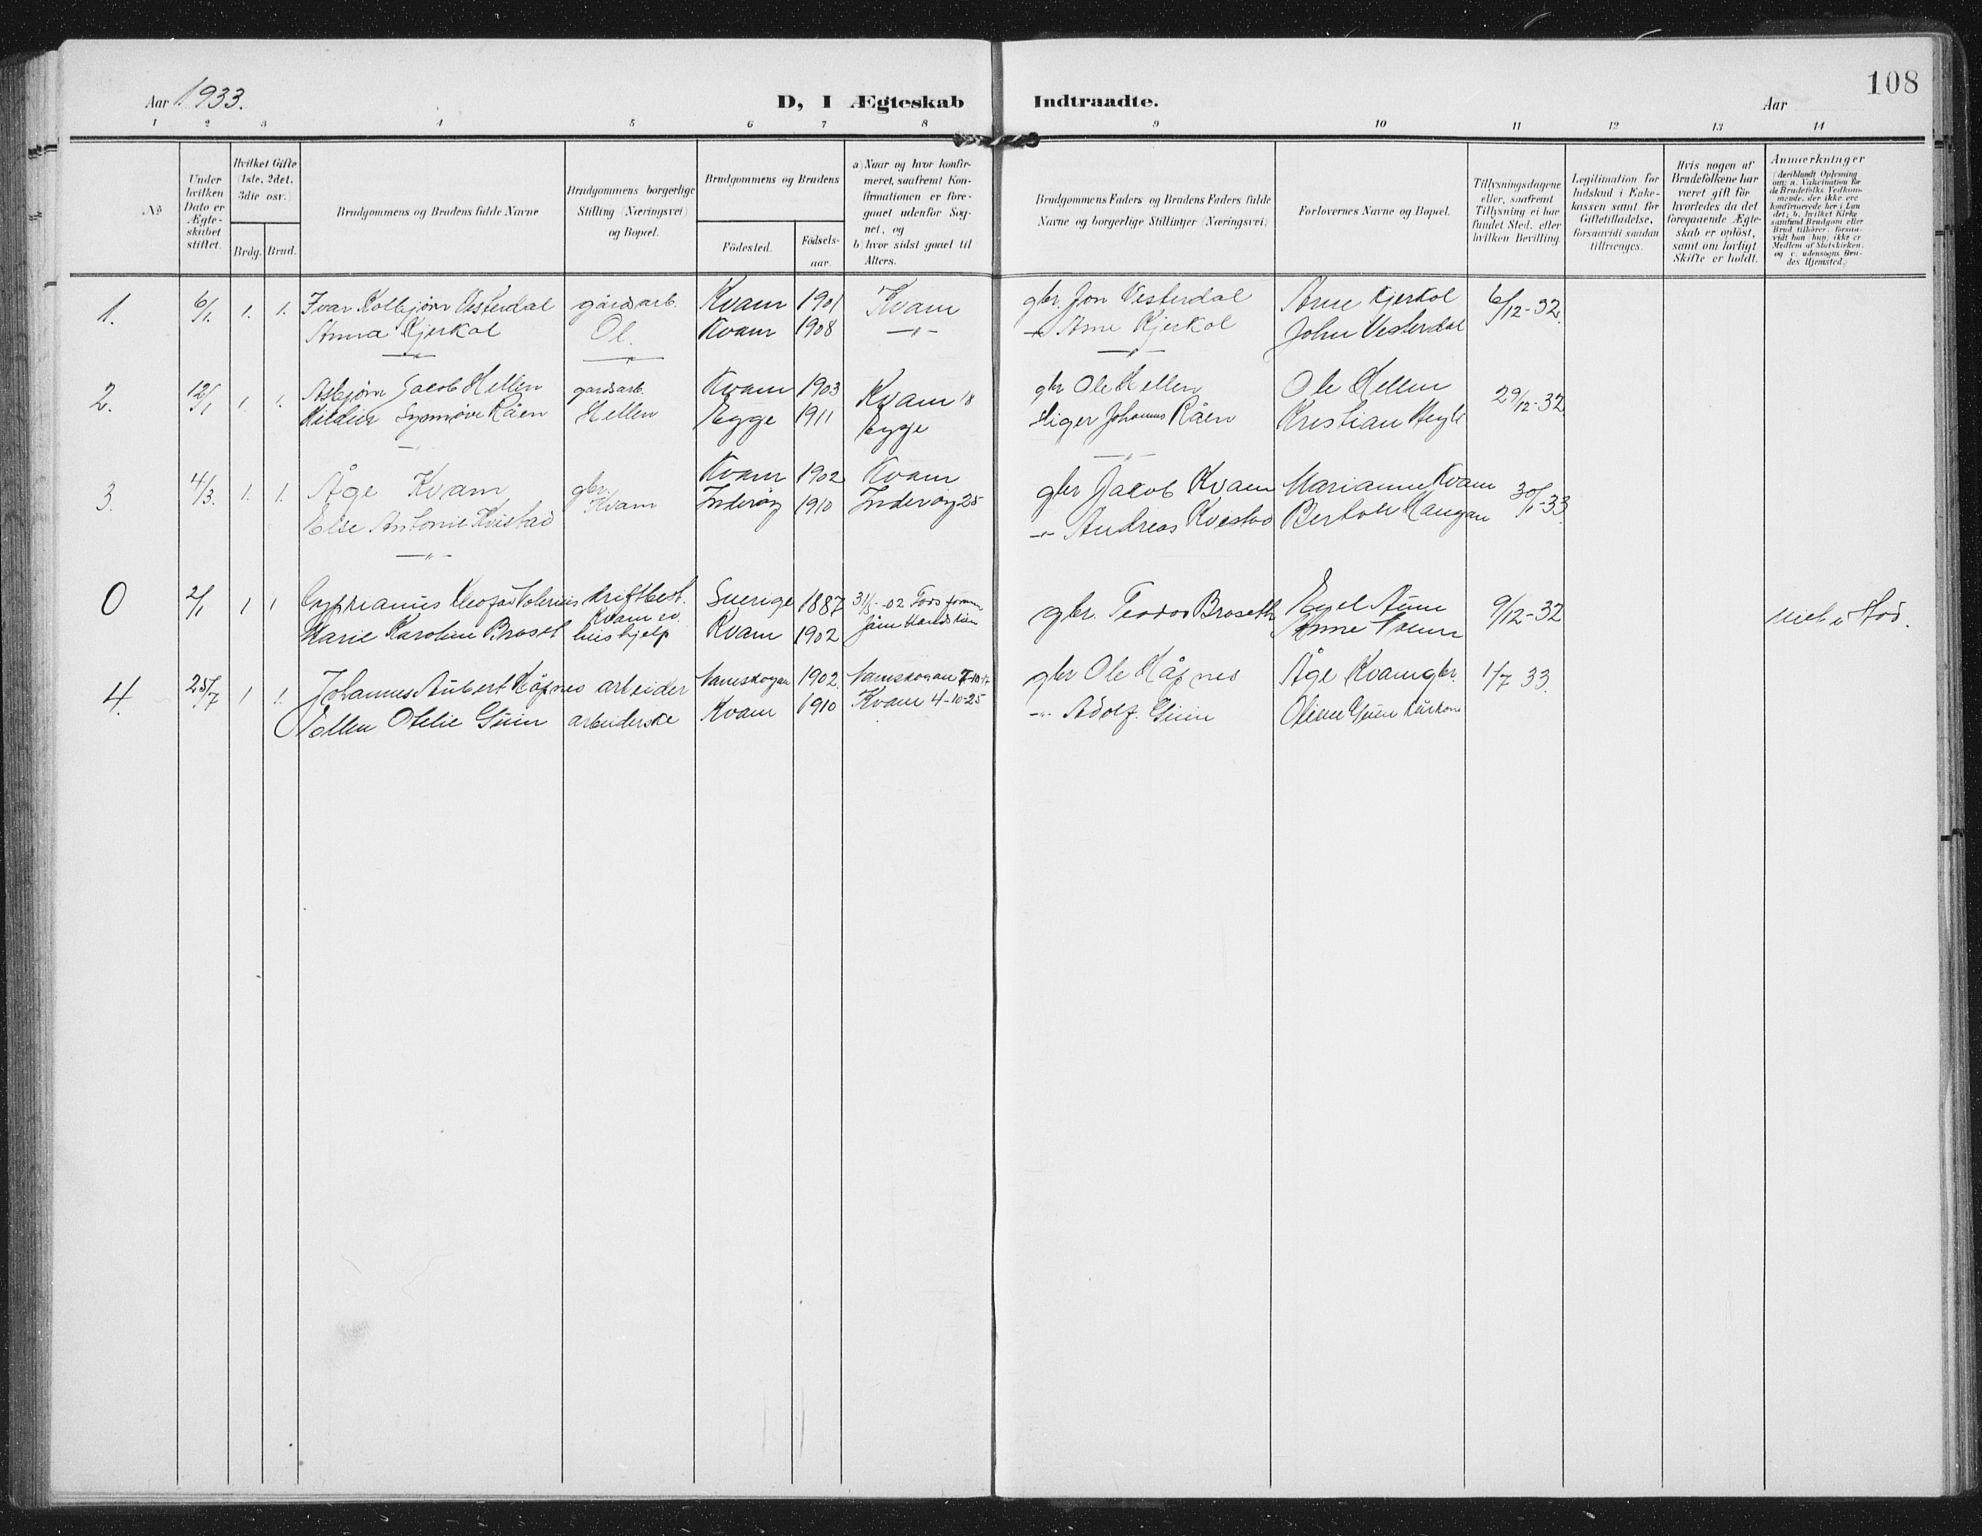 SAT, Ministerialprotokoller, klokkerbøker og fødselsregistre - Nord-Trøndelag, 747/L0460: Klokkerbok nr. 747C02, 1908-1939, s. 108